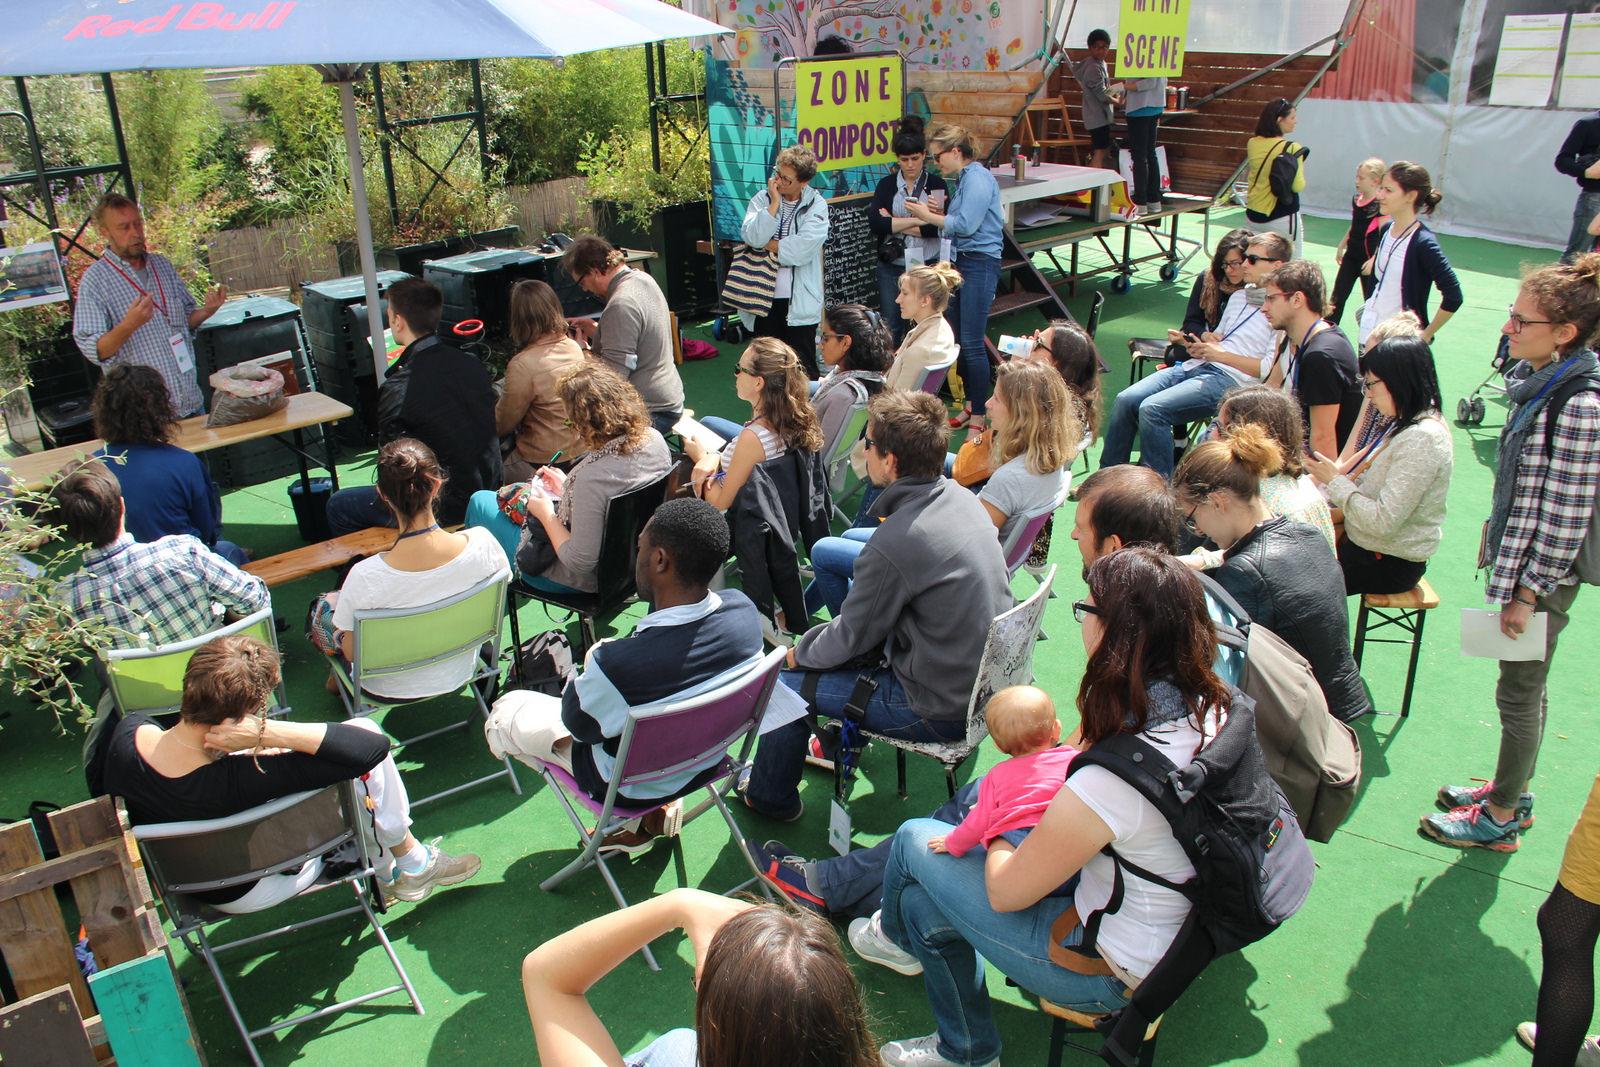 Public d'un rendez-vous de la Fête des Possibles 2017